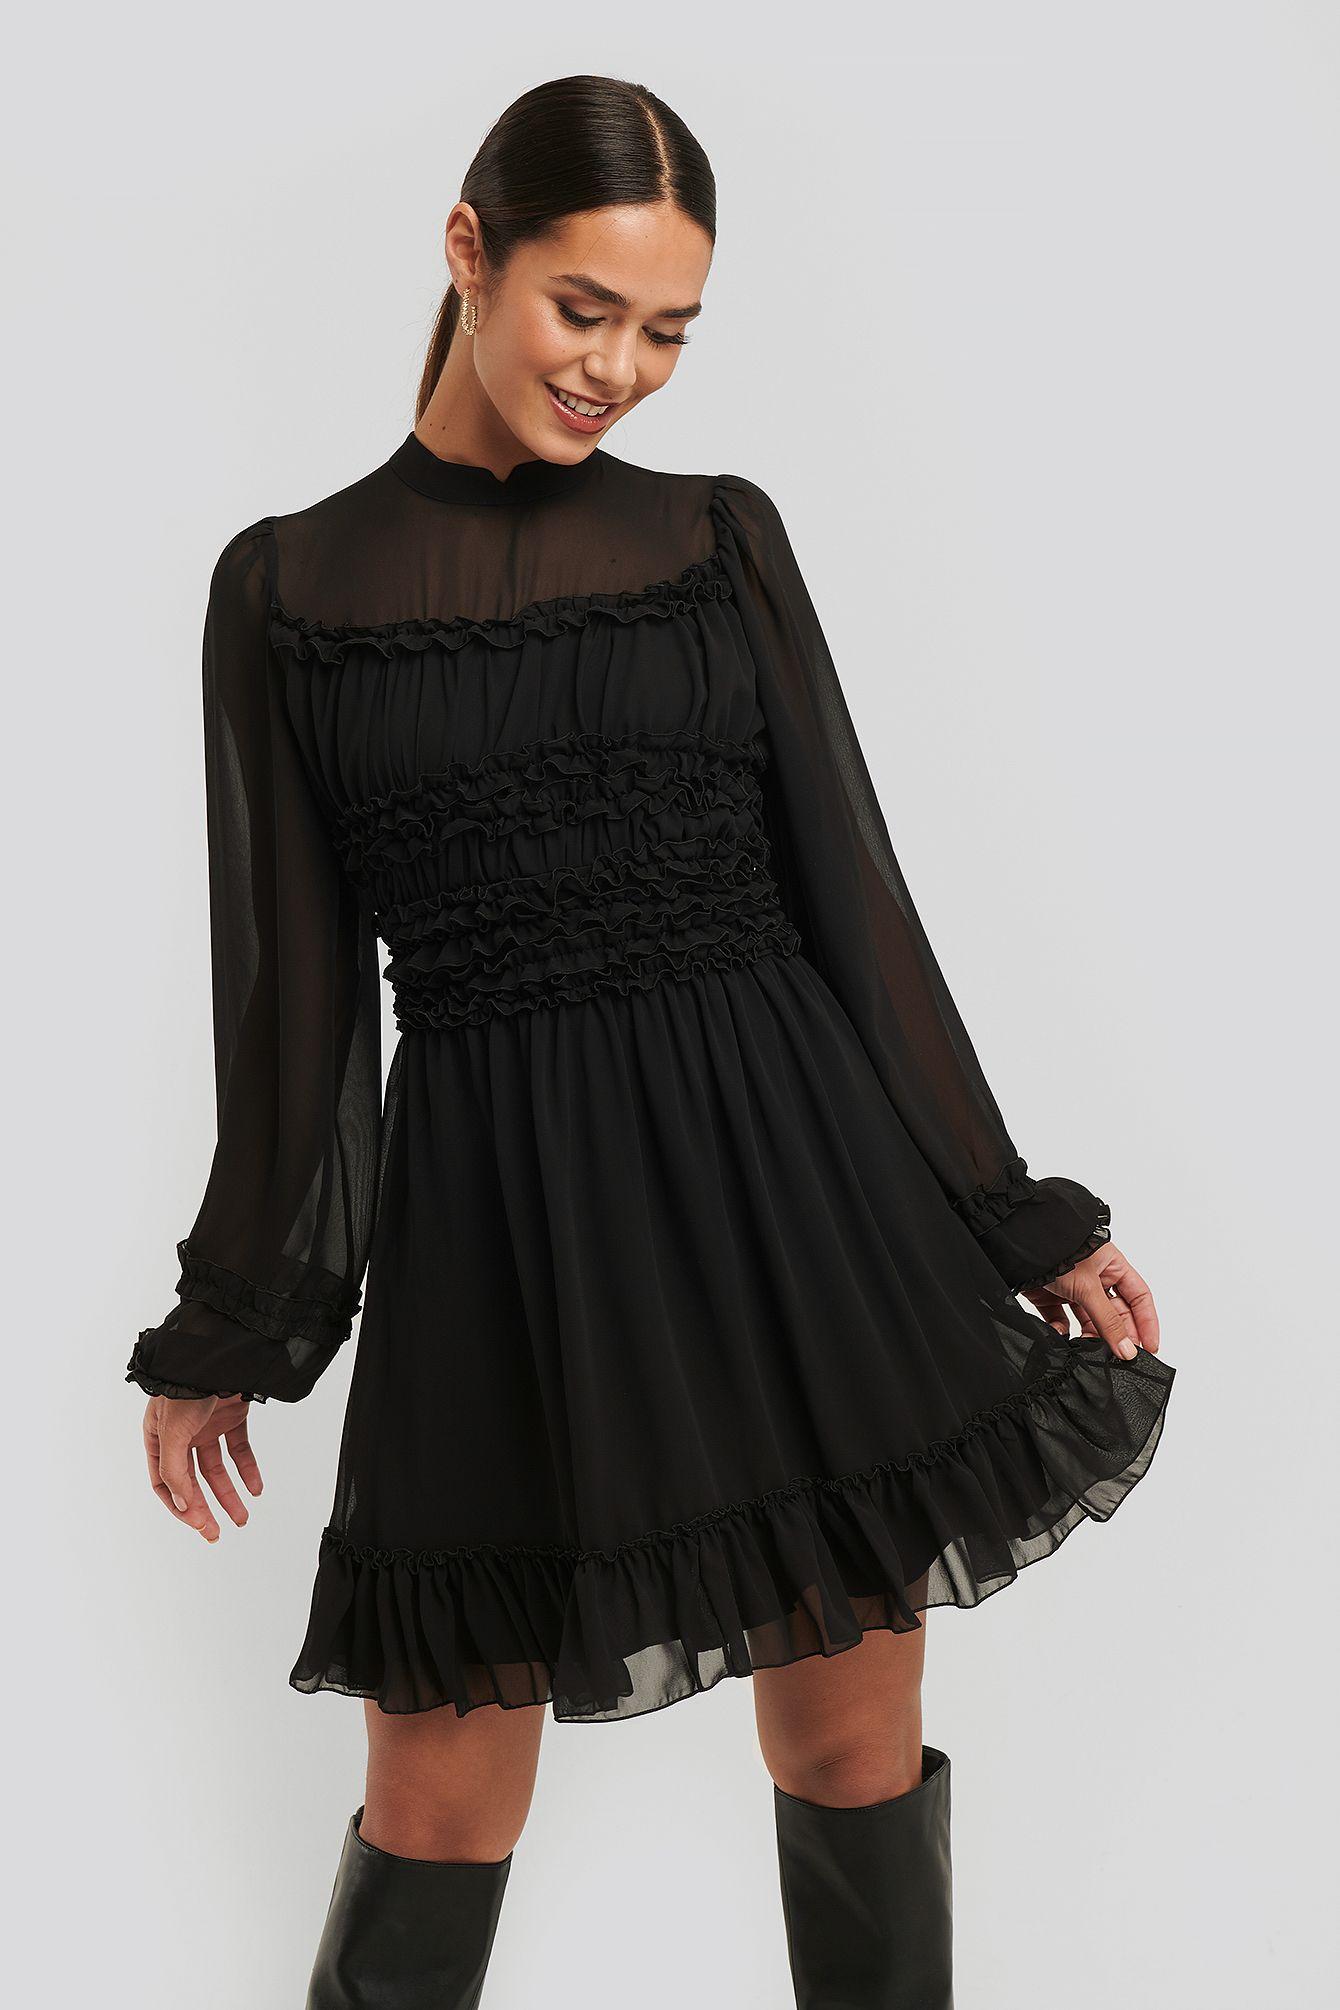 Ruffle Detail Dress in 16  Schwarzes kleid, Neues kleid, Kleider